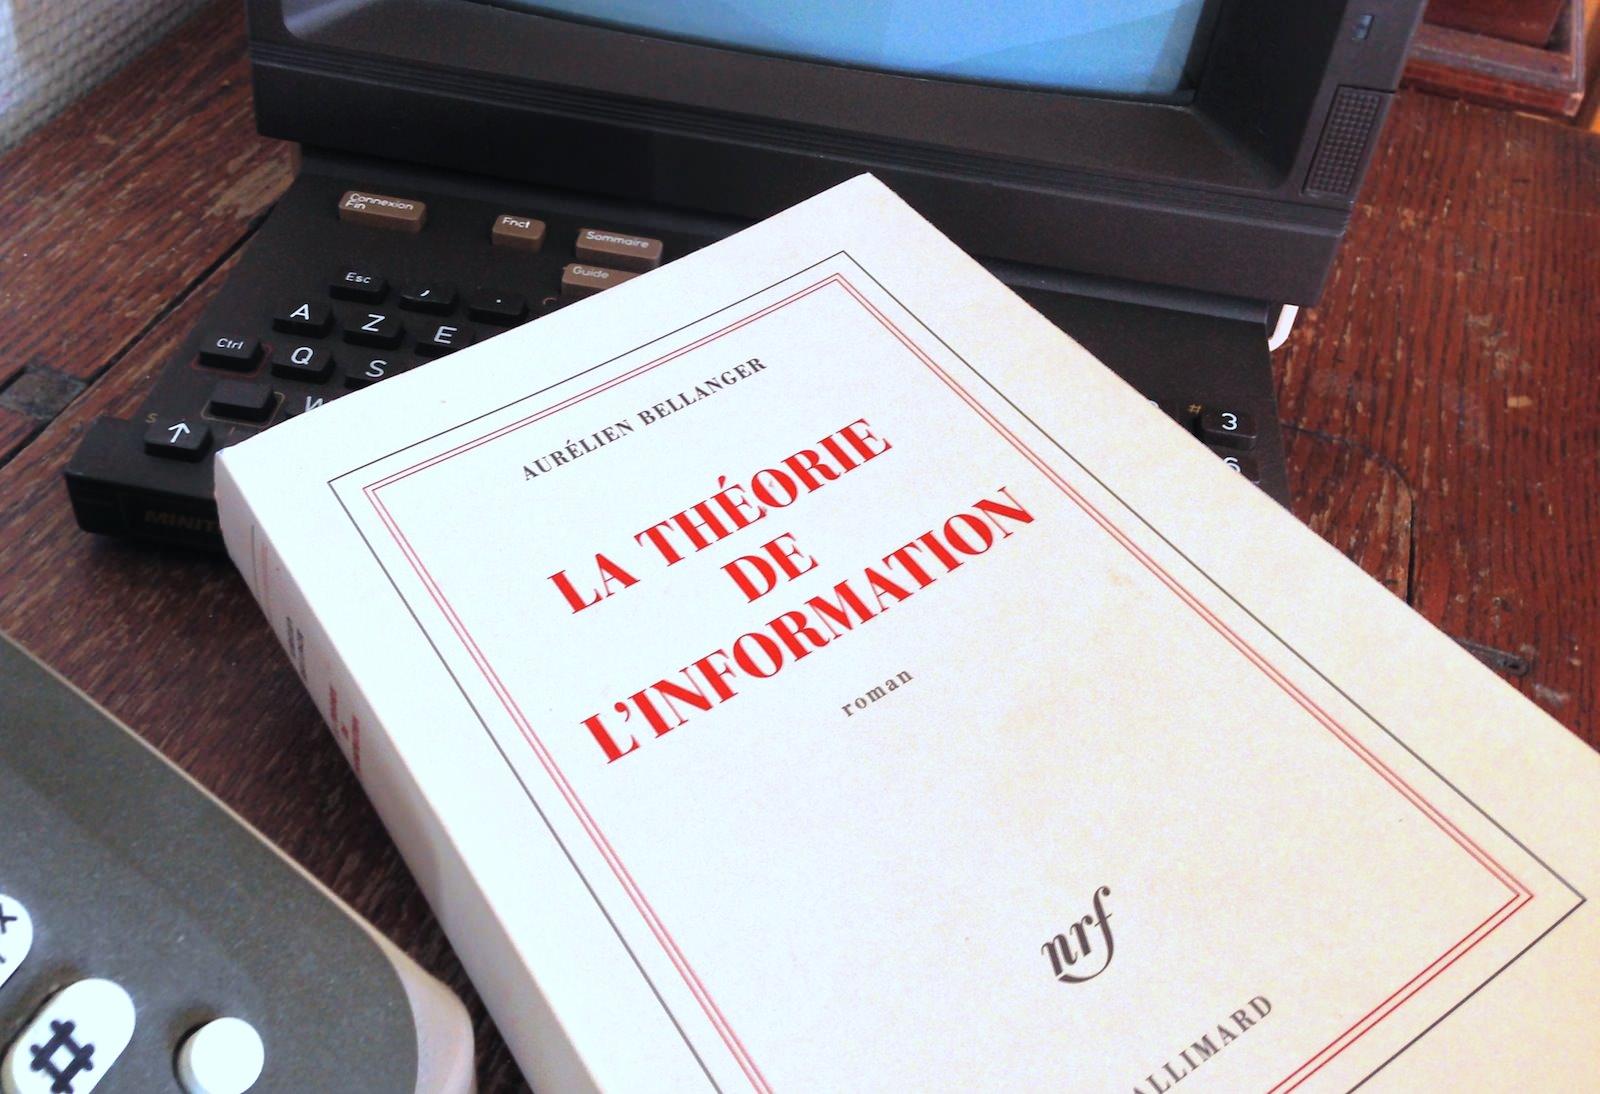 La théorie de l'information, Aurélien Bellanger - À voir et à manger